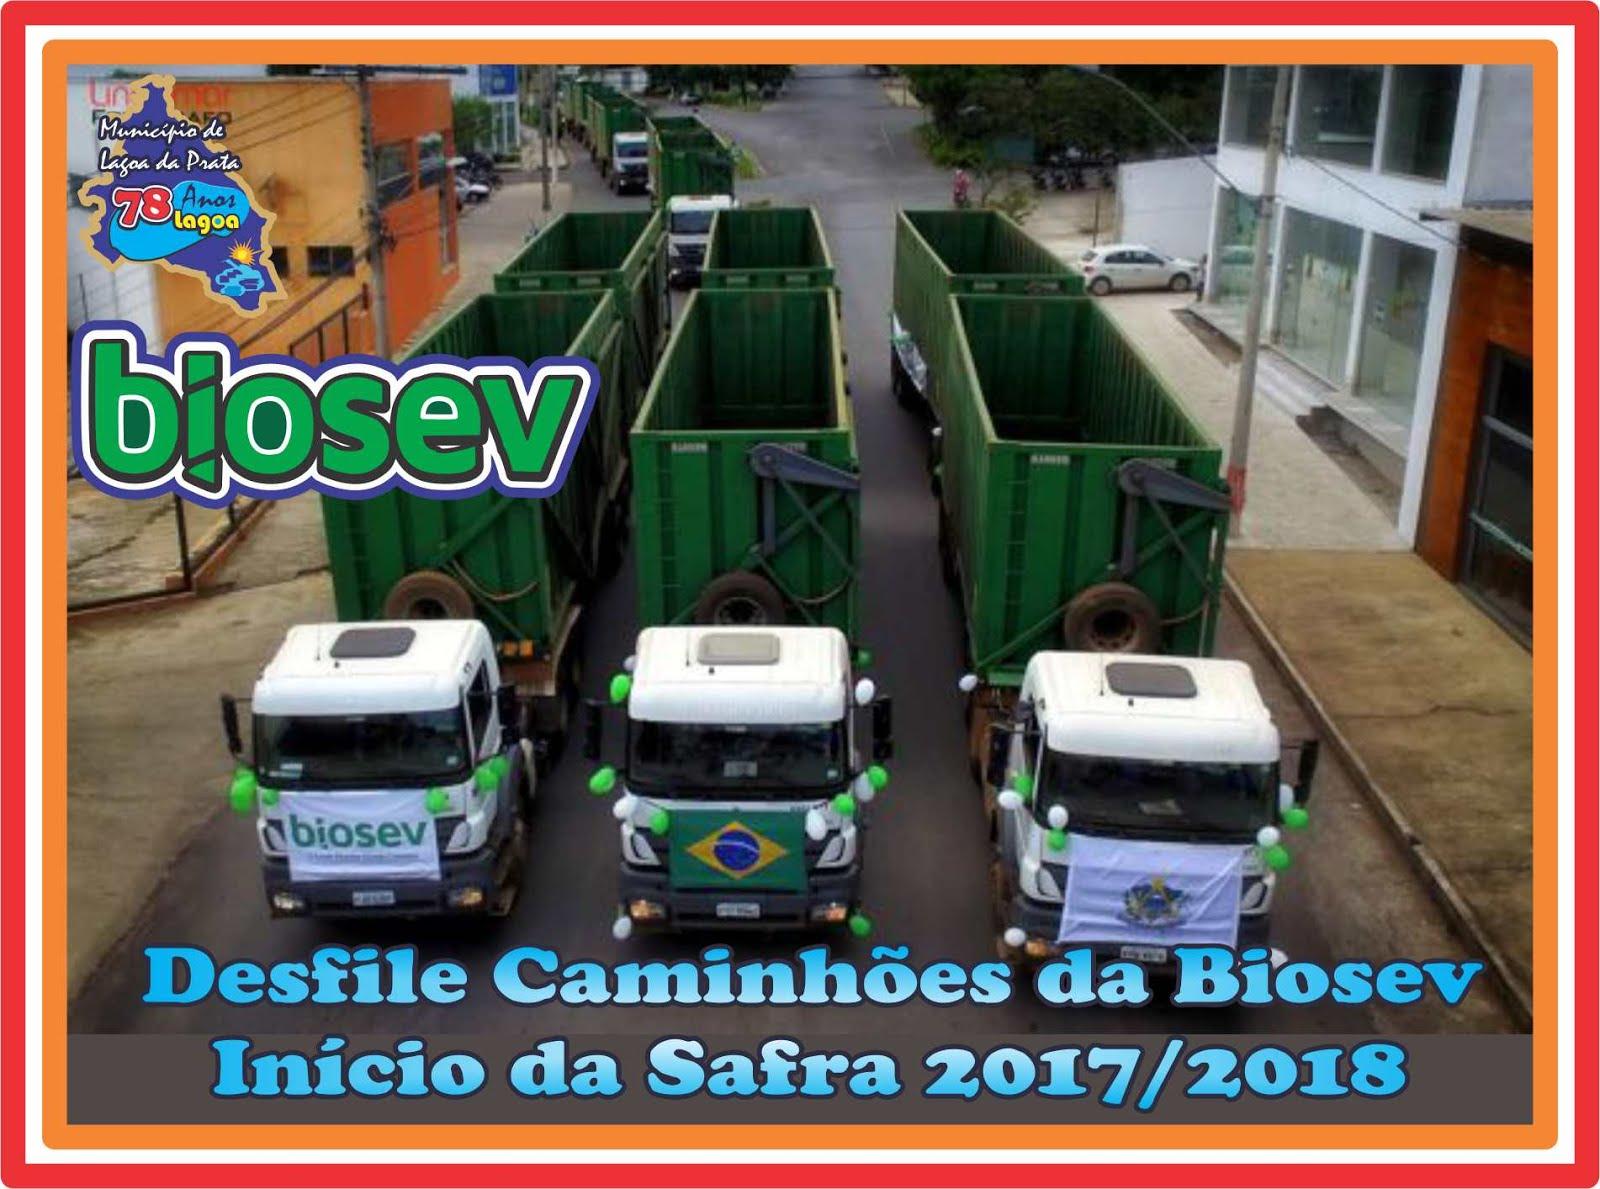 Biosev Comemoração do Início da Safra 2917/2018 em Lagoa da Prata